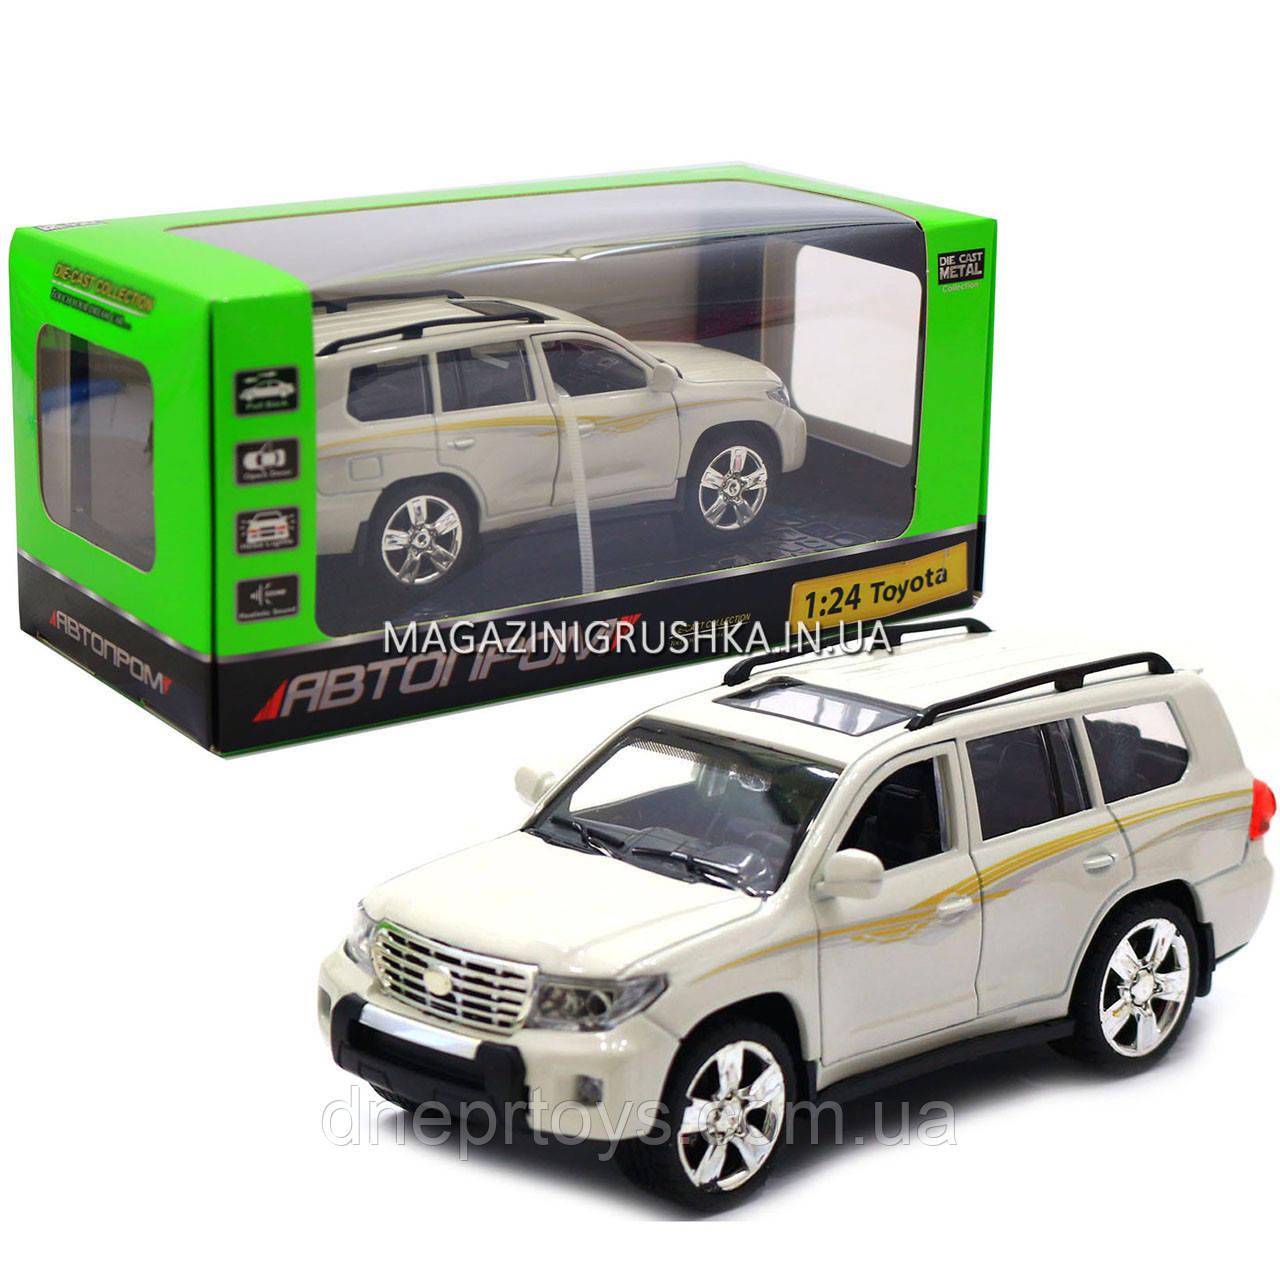 Машинка іграшкова Автопром «Toyota» Тойота джип, метал, 18 см, Білий (світло, звук, двері відчиняються) 7662